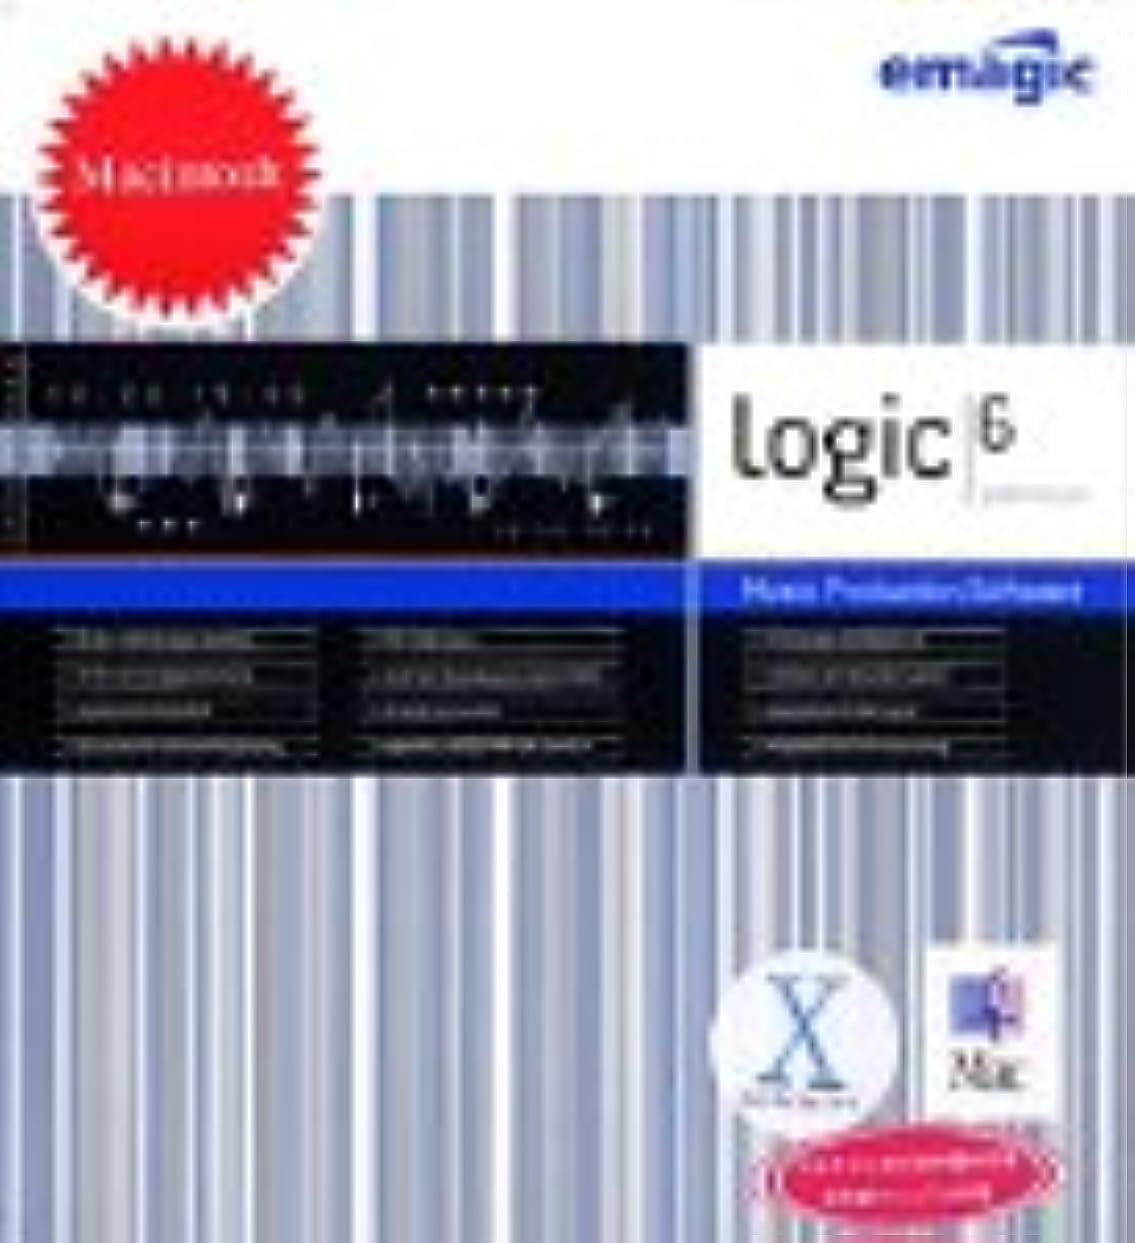 振り子ひそかに思いつくLogic Platinum 6 for Mac マルチリンガル日本語対応版 日本語マニュアル付属